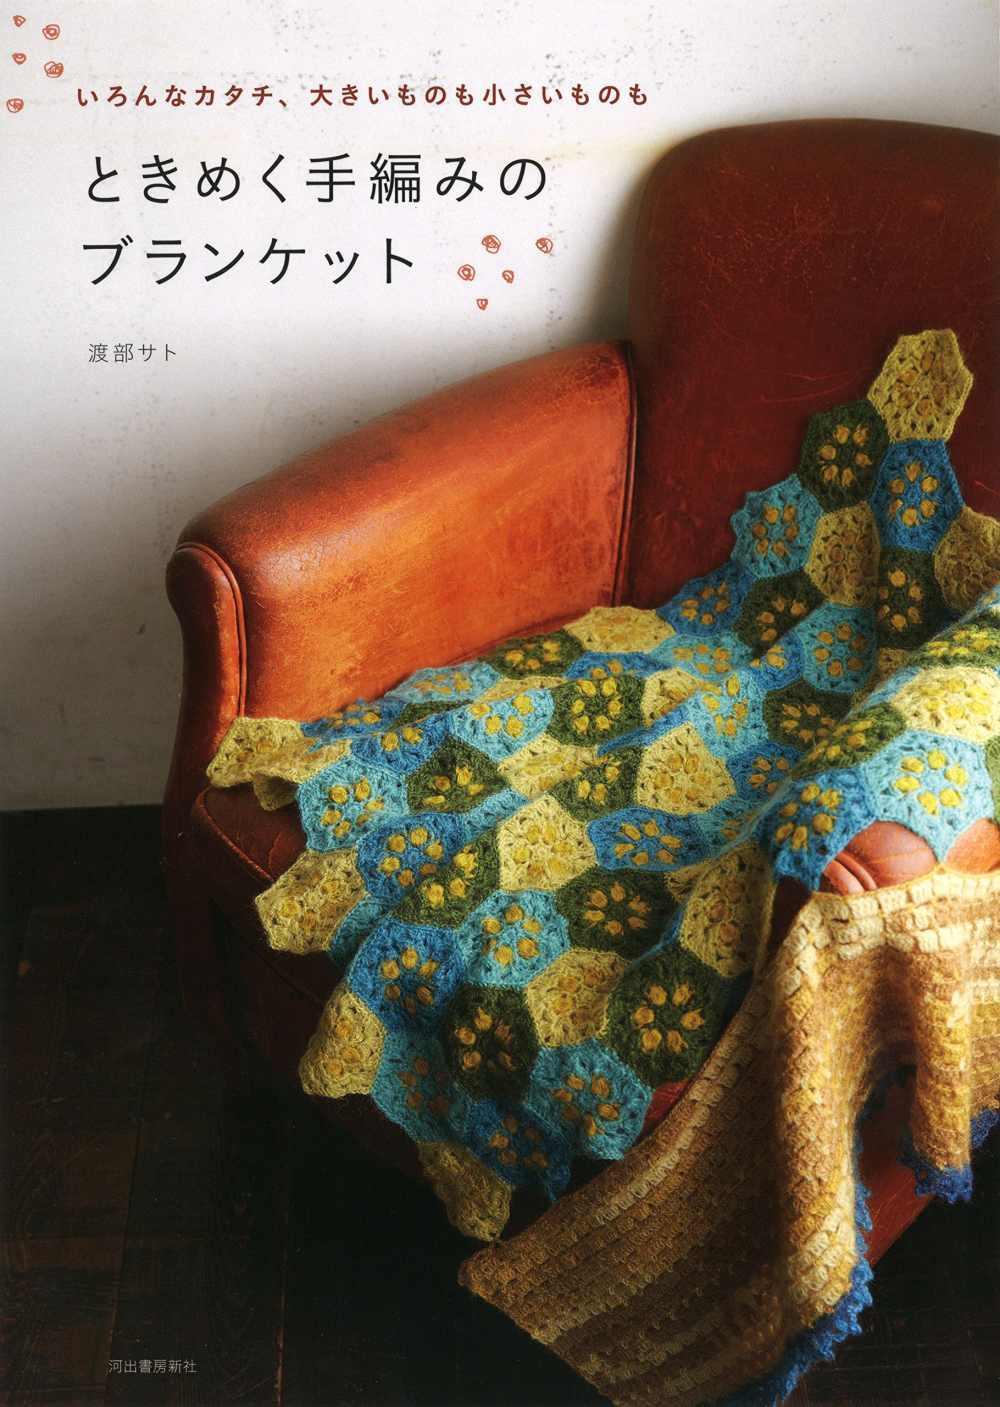 編織可愛溫暖毛毯作品 集